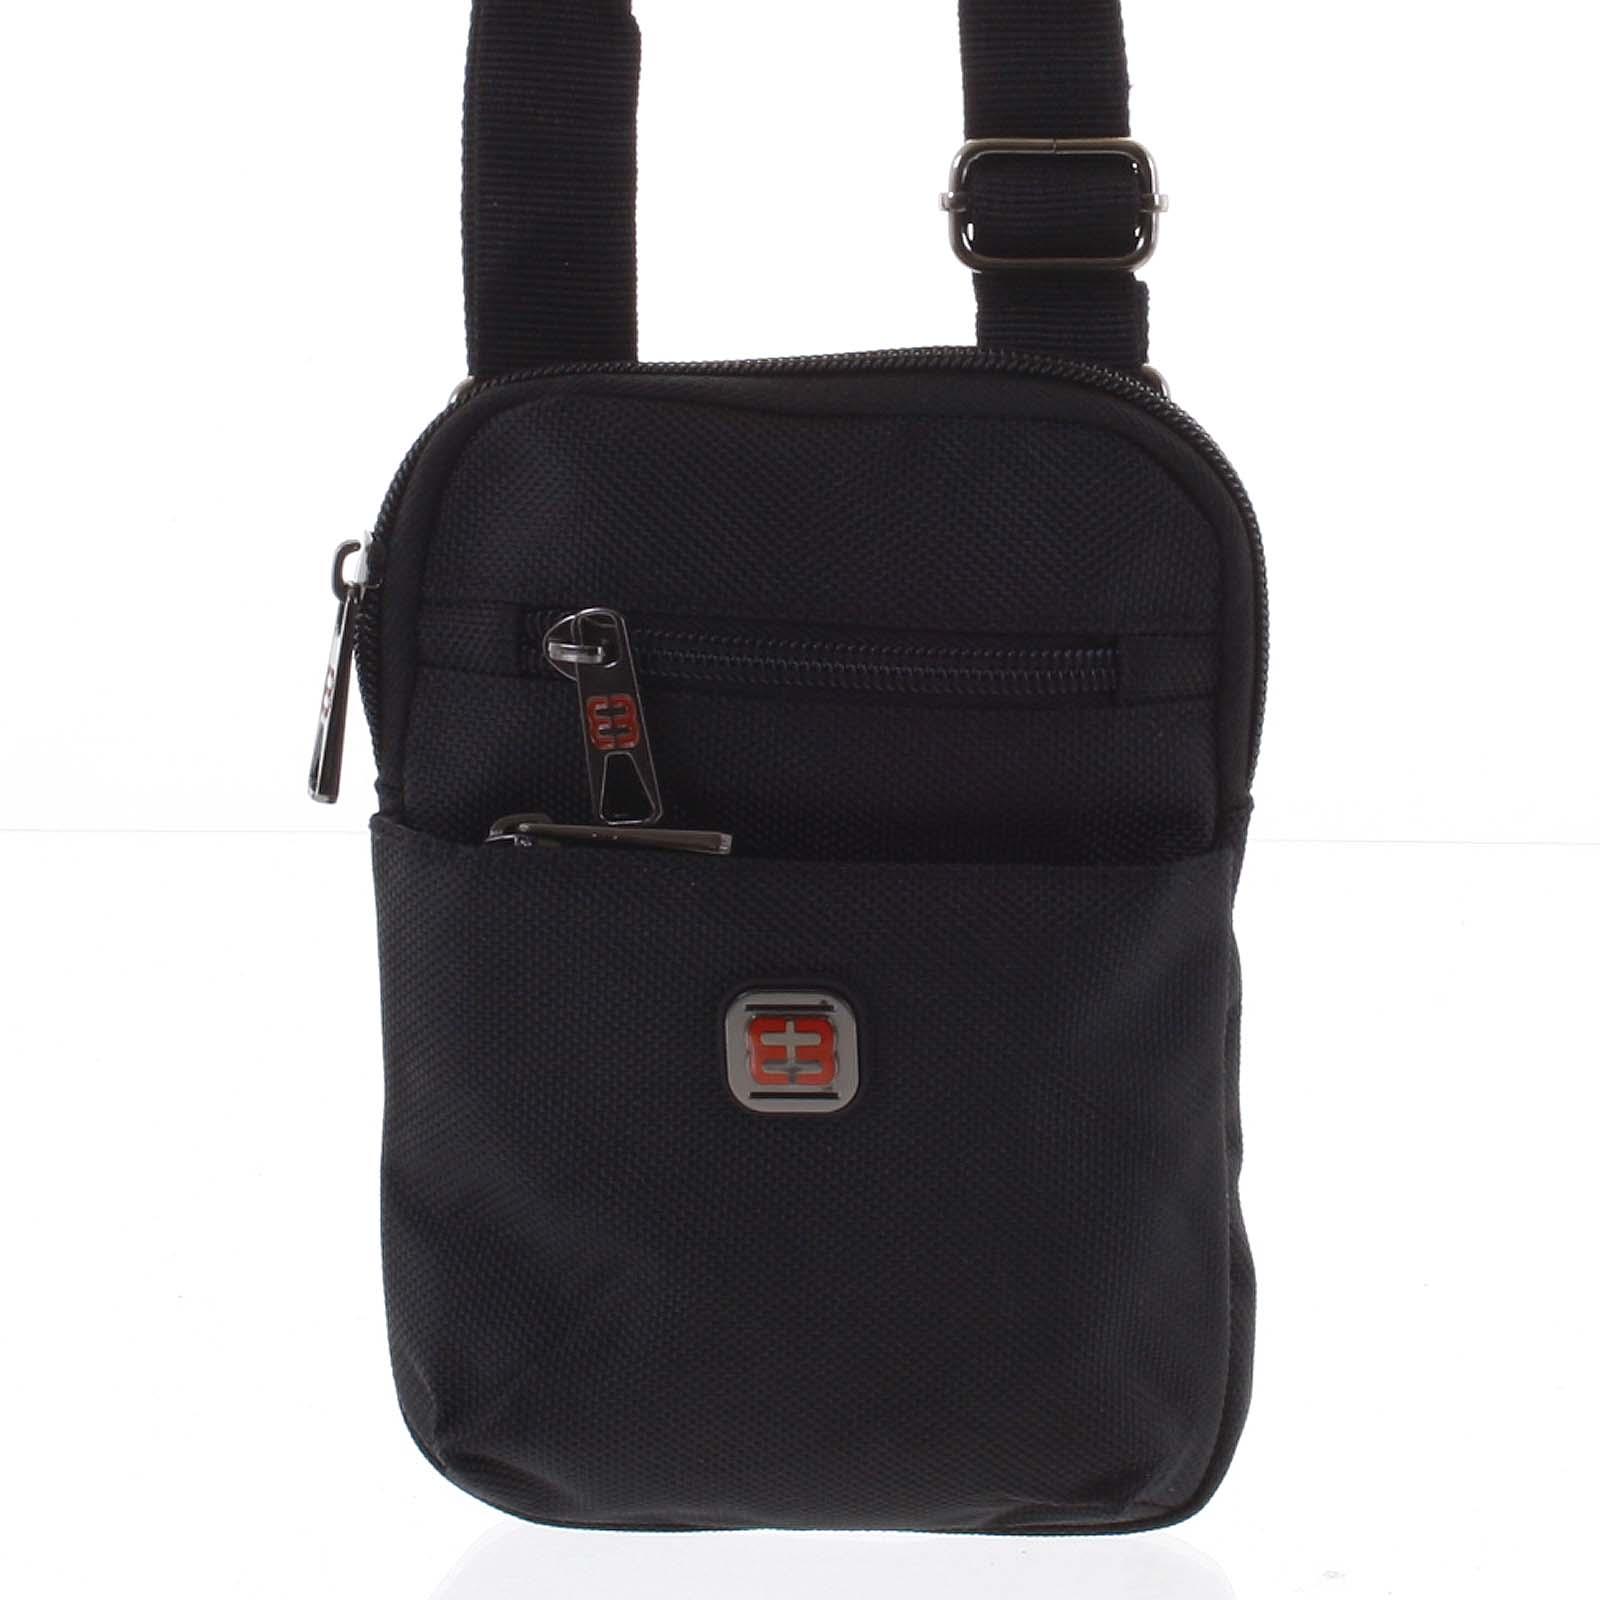 Malá crossbody taška na doklady čierna - Enrico Benetti Ramin